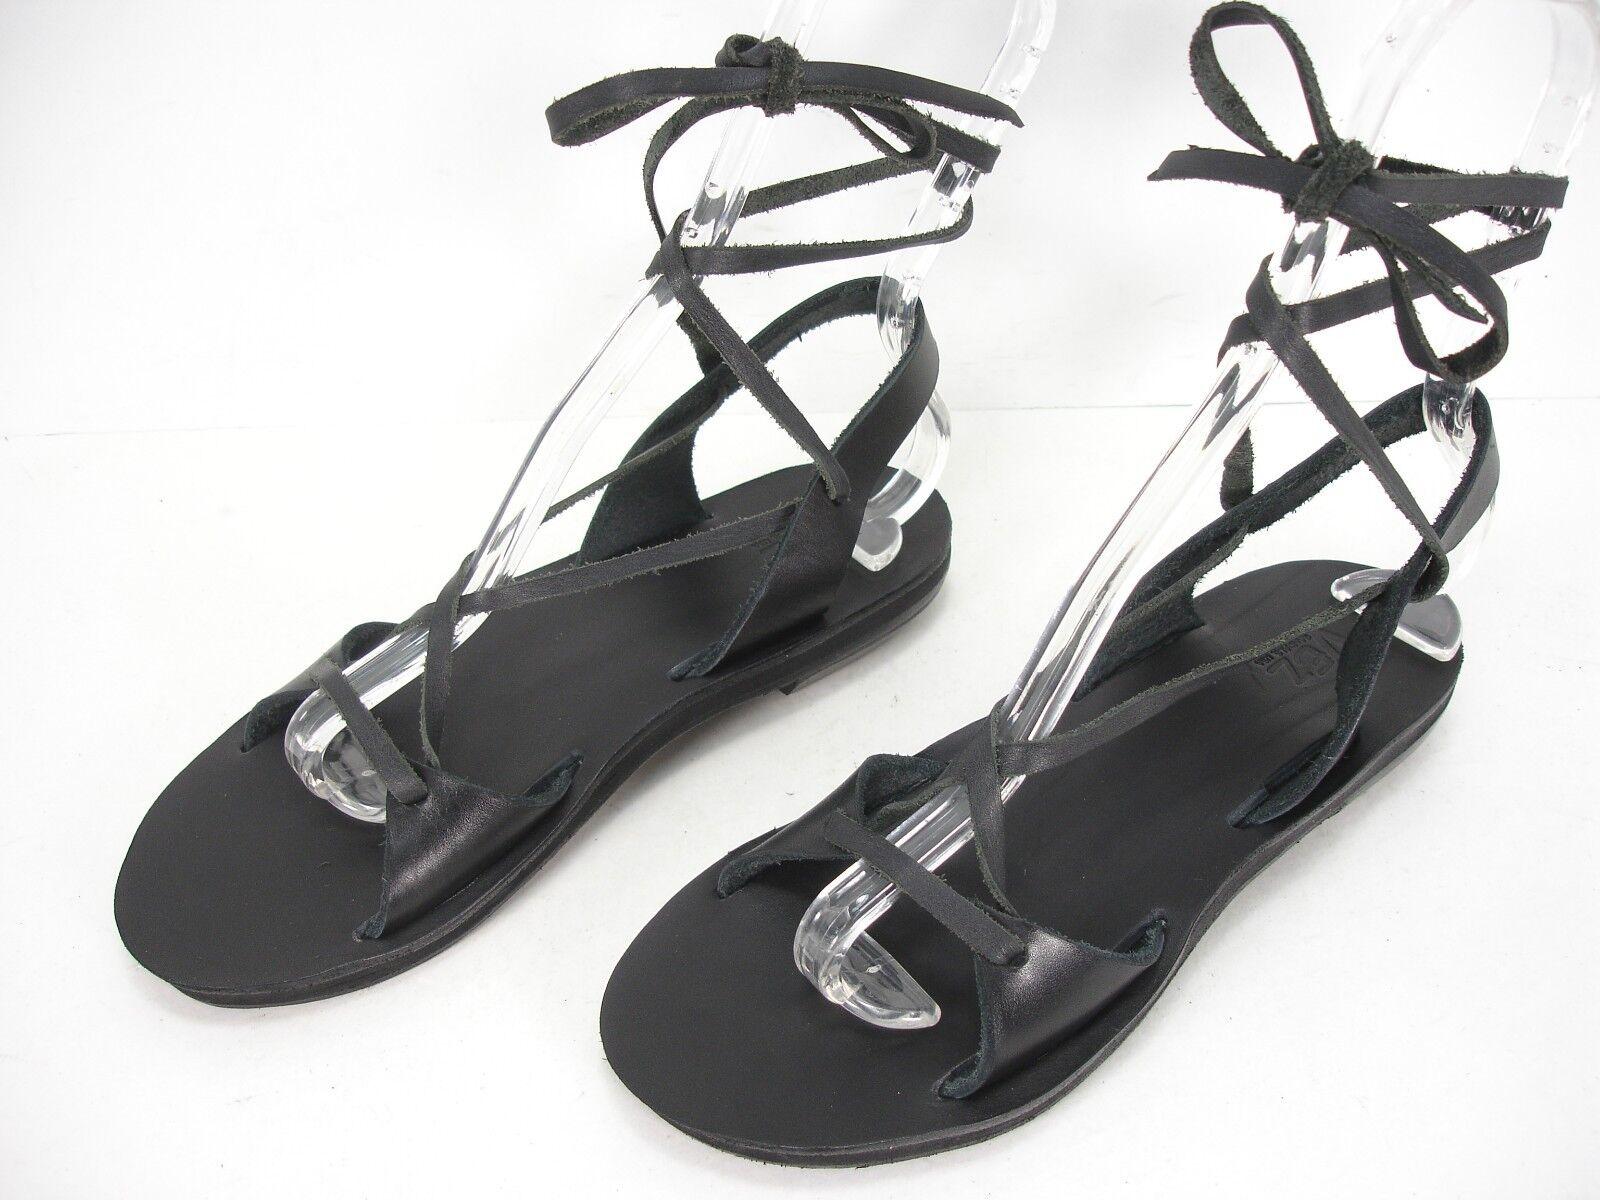 Nuevo Sandalias Sandalias Sandalias de EE. UU. hecho a Mano Cuero Negro vez Puntera Abierta con Cordones Sandalias De Mujer 8  alta calidad general